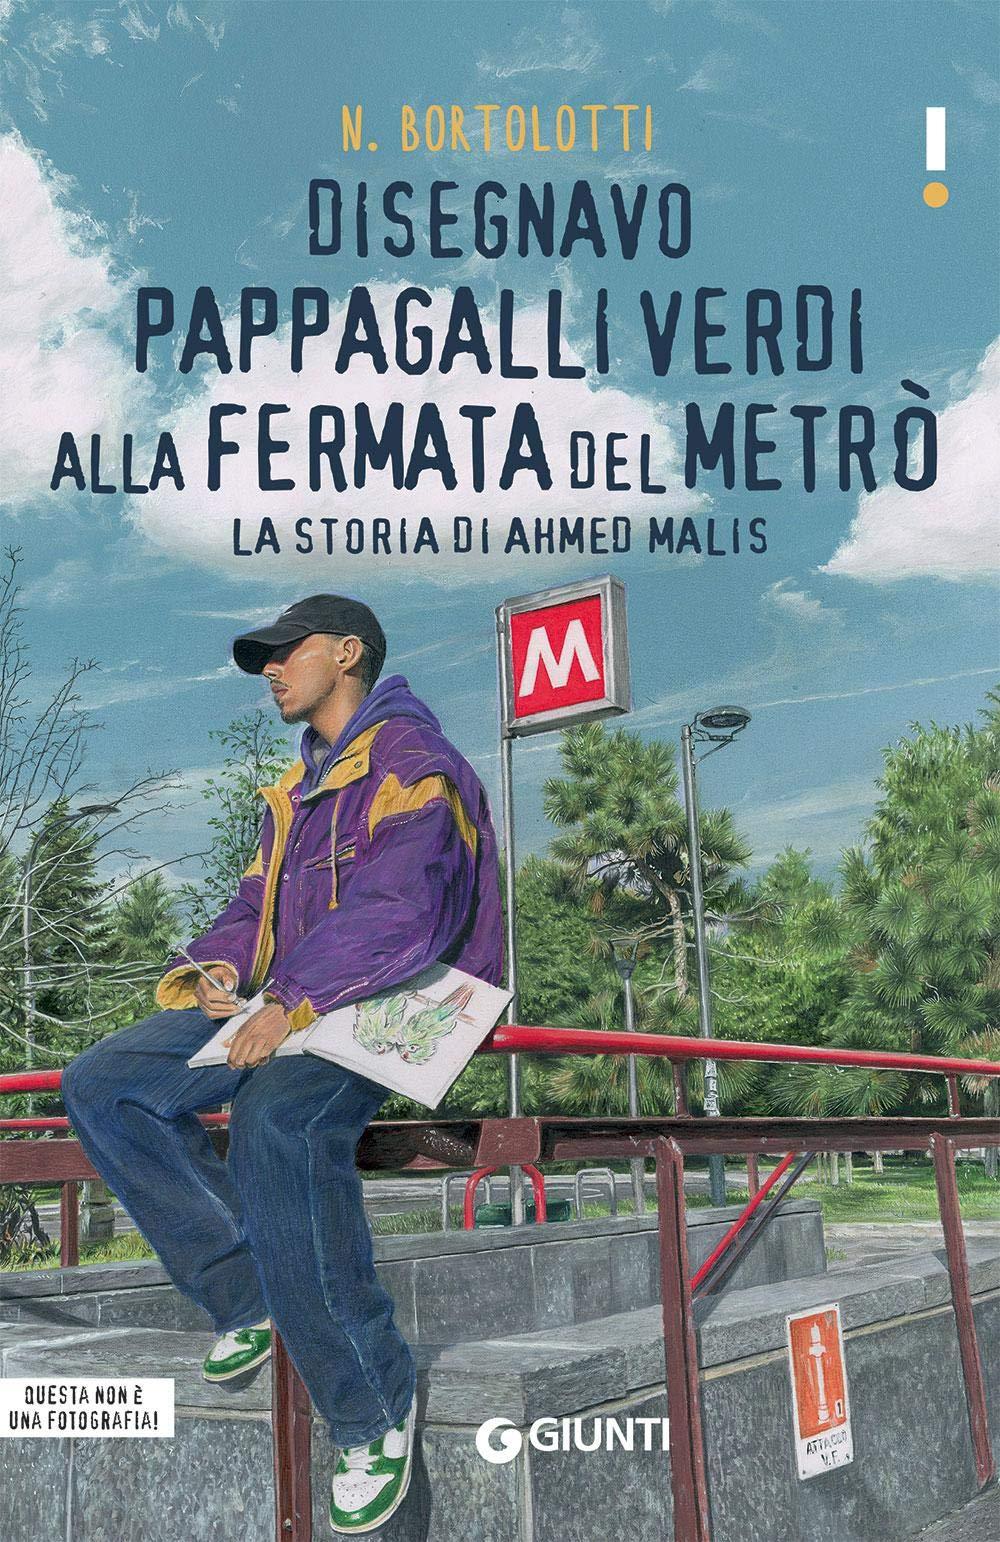 Amazon.it: Disegnavo pappagalli verdi alla fermata del metrò. La storia di  Ahmed Malis - Bortolotti, N. - Libri